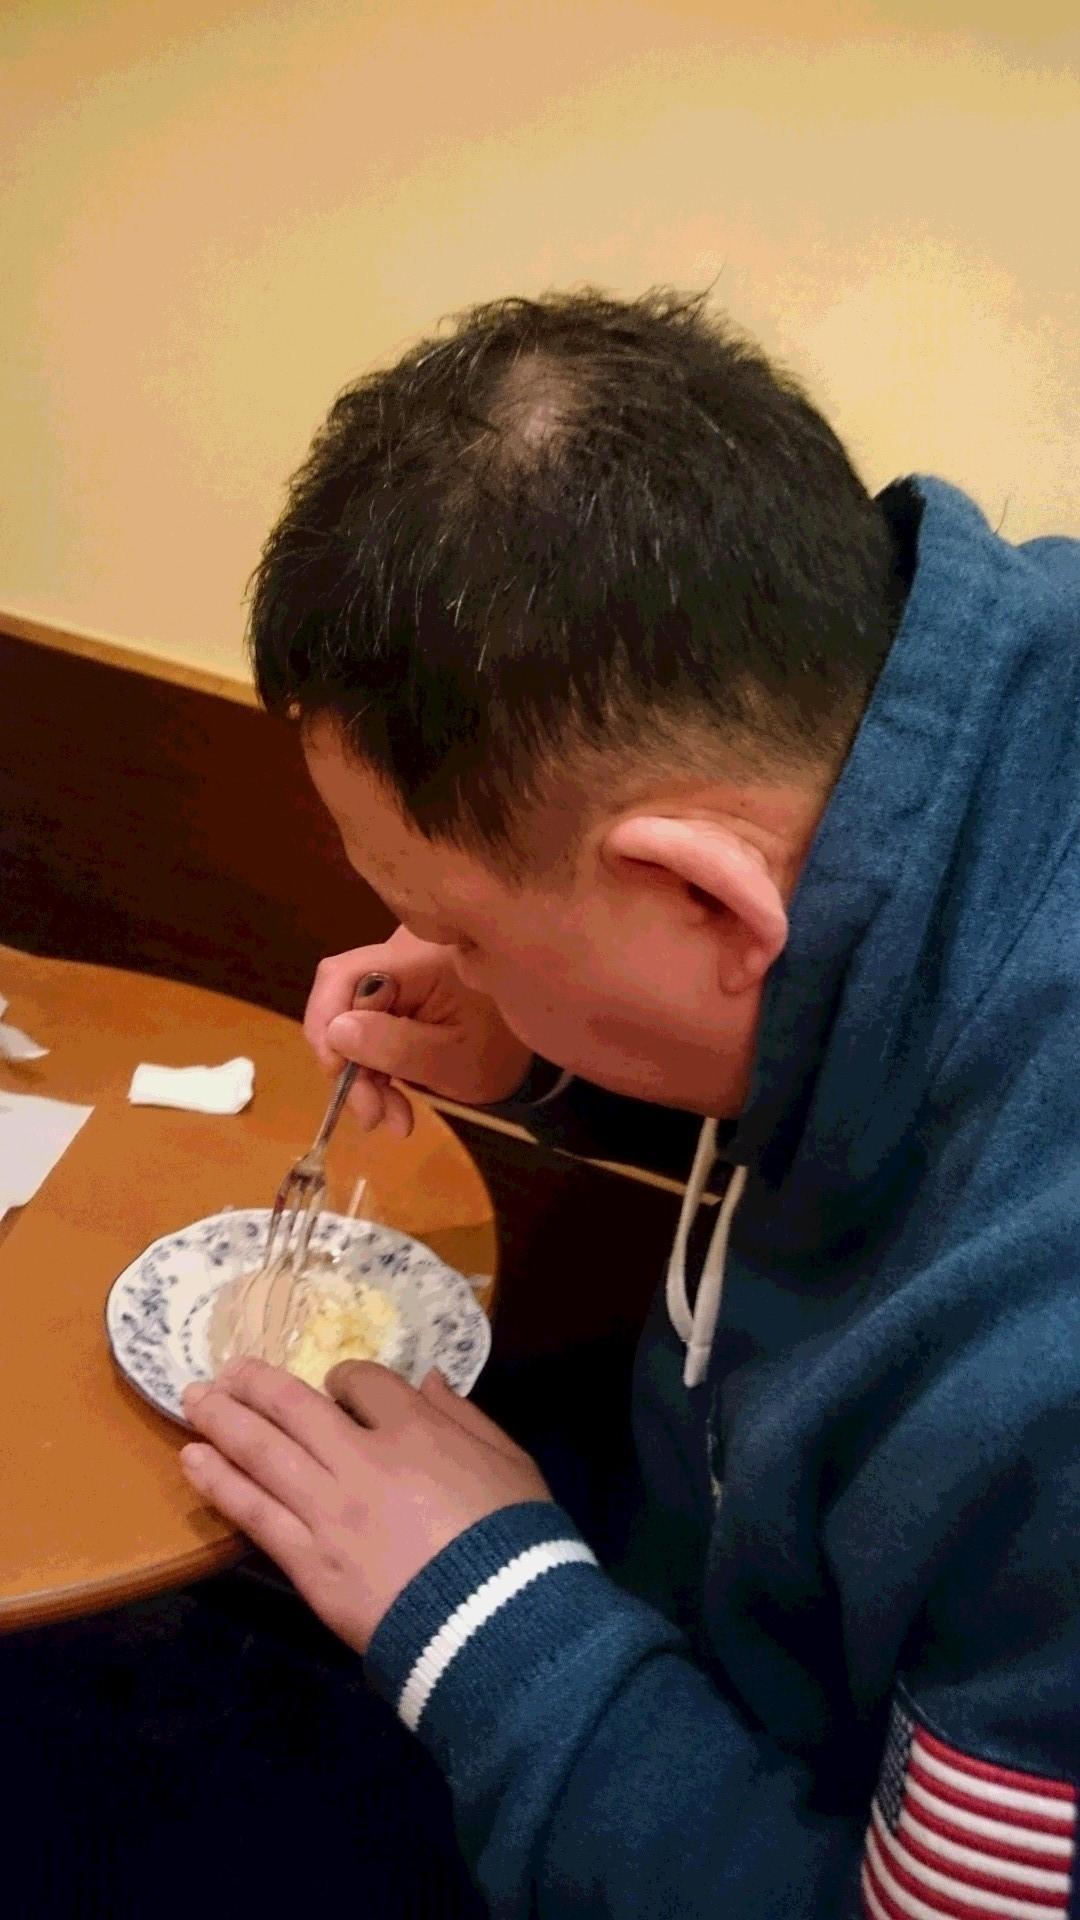 本日焼き肉 「食べちゃー」です。。_f0065444_2032945.jpg